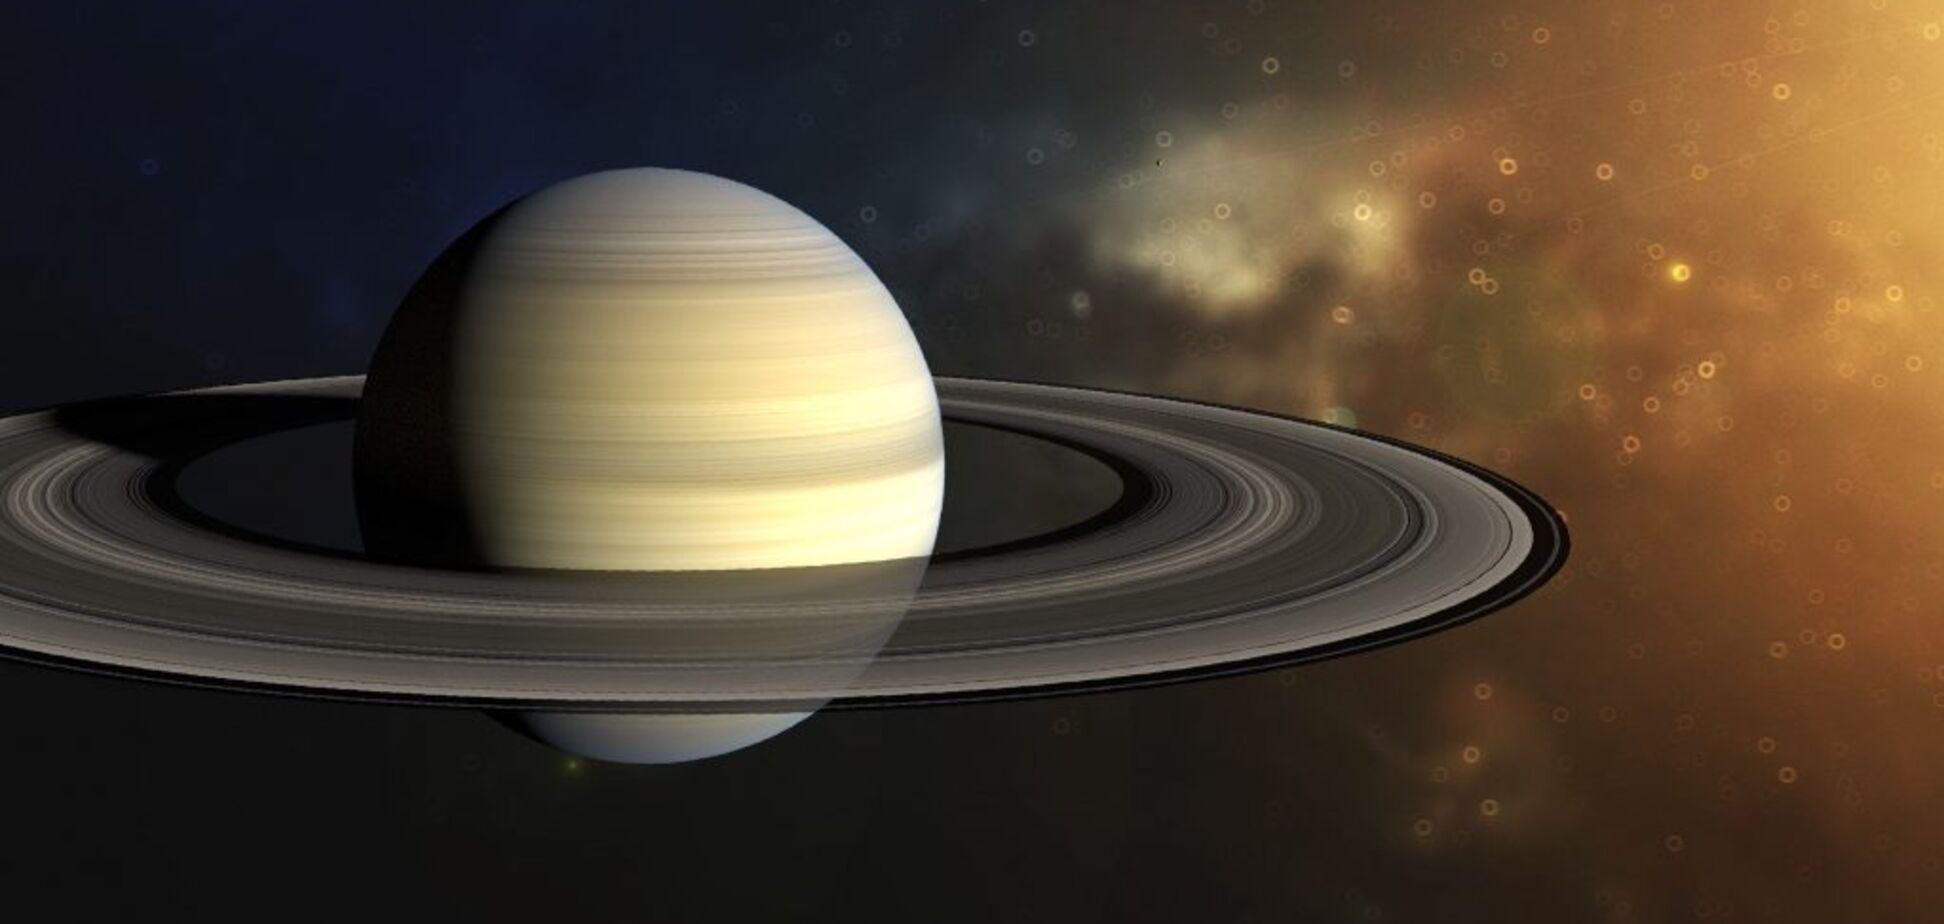 Планета Сатурн: кільця, супутники, цікаві факти